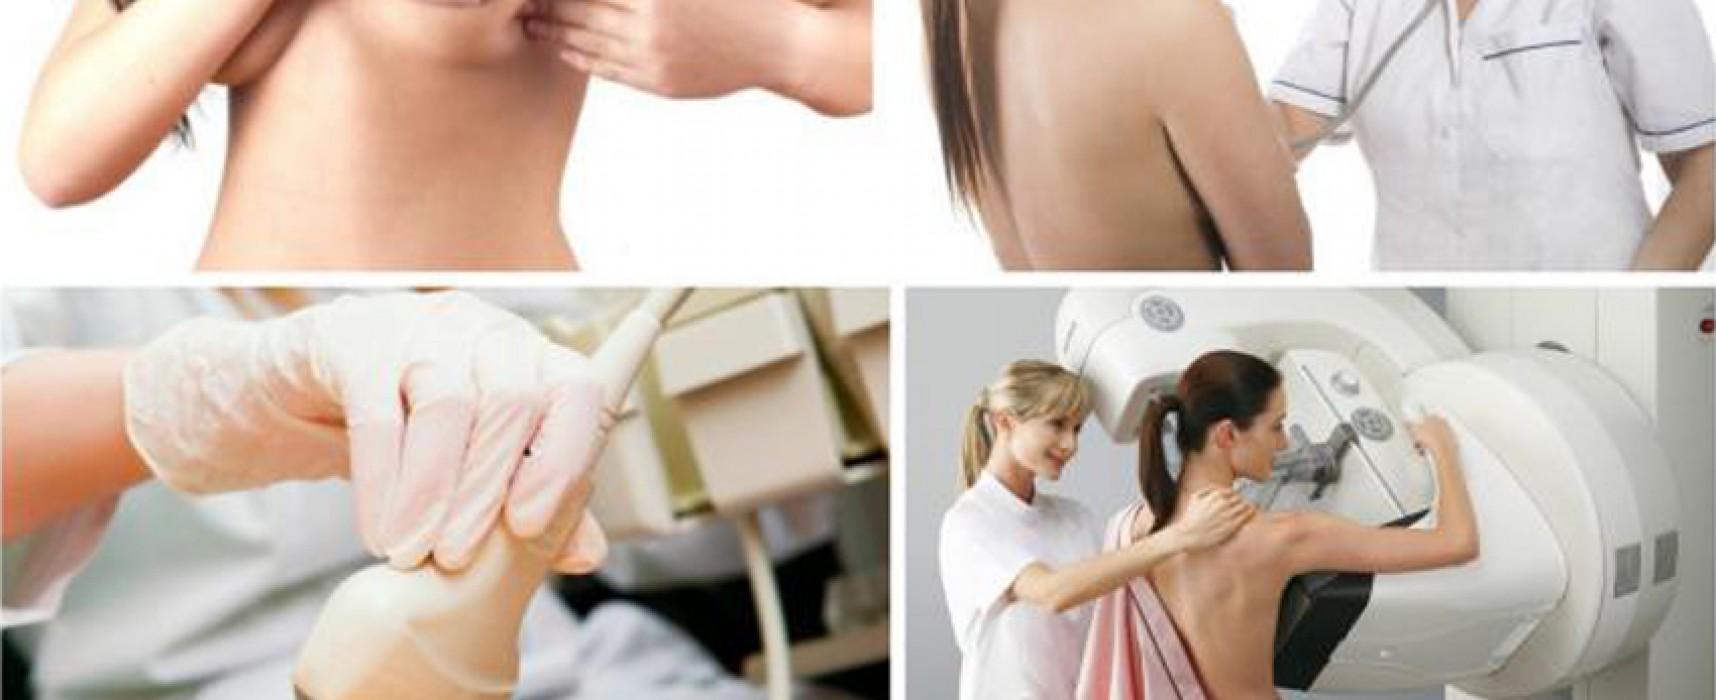 3локачественные новообразования груди и предстательной железы